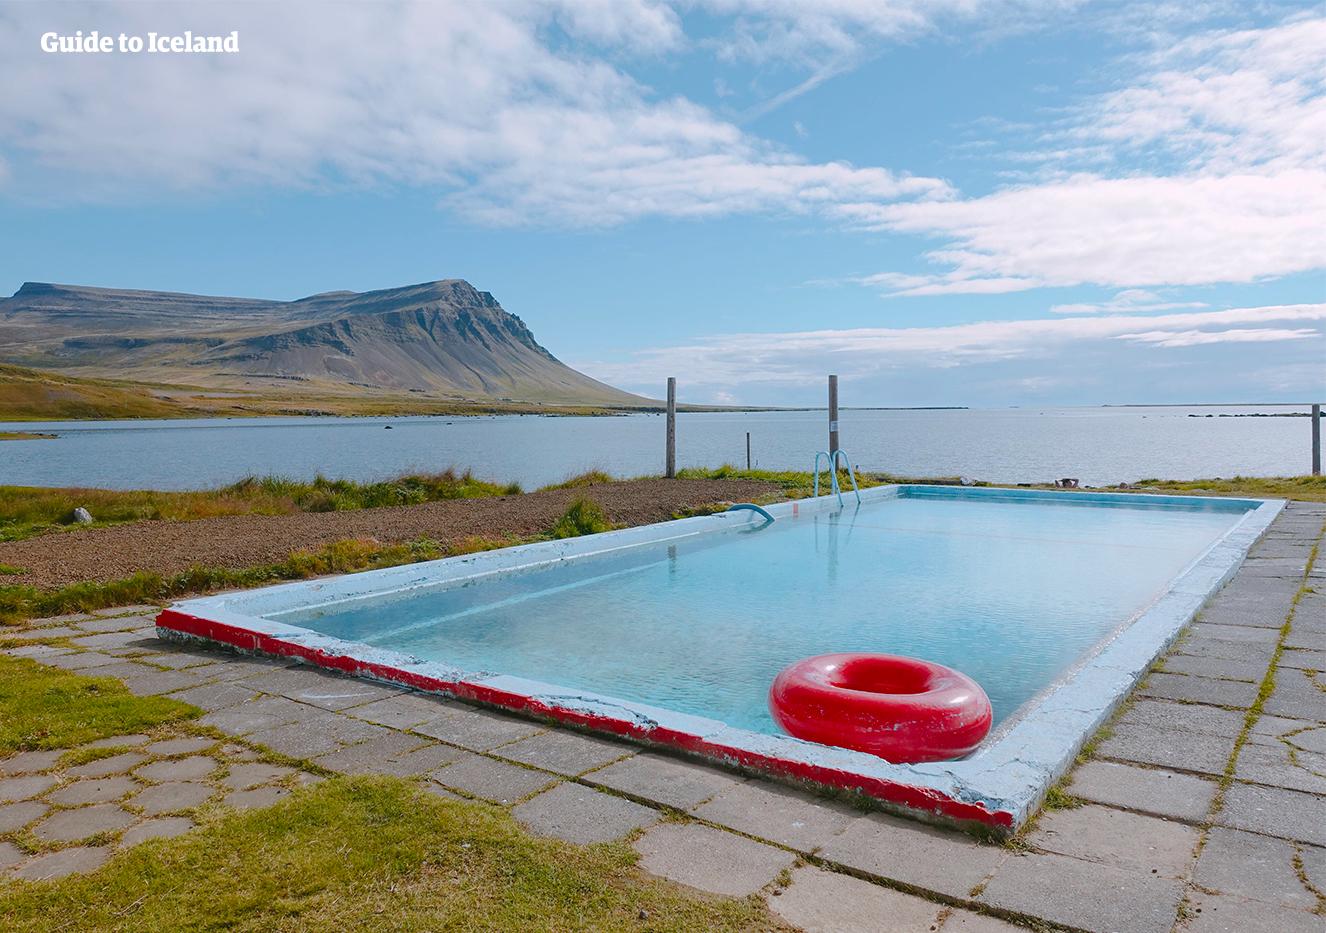 Niewielu turystów dociera na islandzkie Fiordy Zachodnie w trakcie swojej samodzielnej wycieczki objazdowej po Islandii.